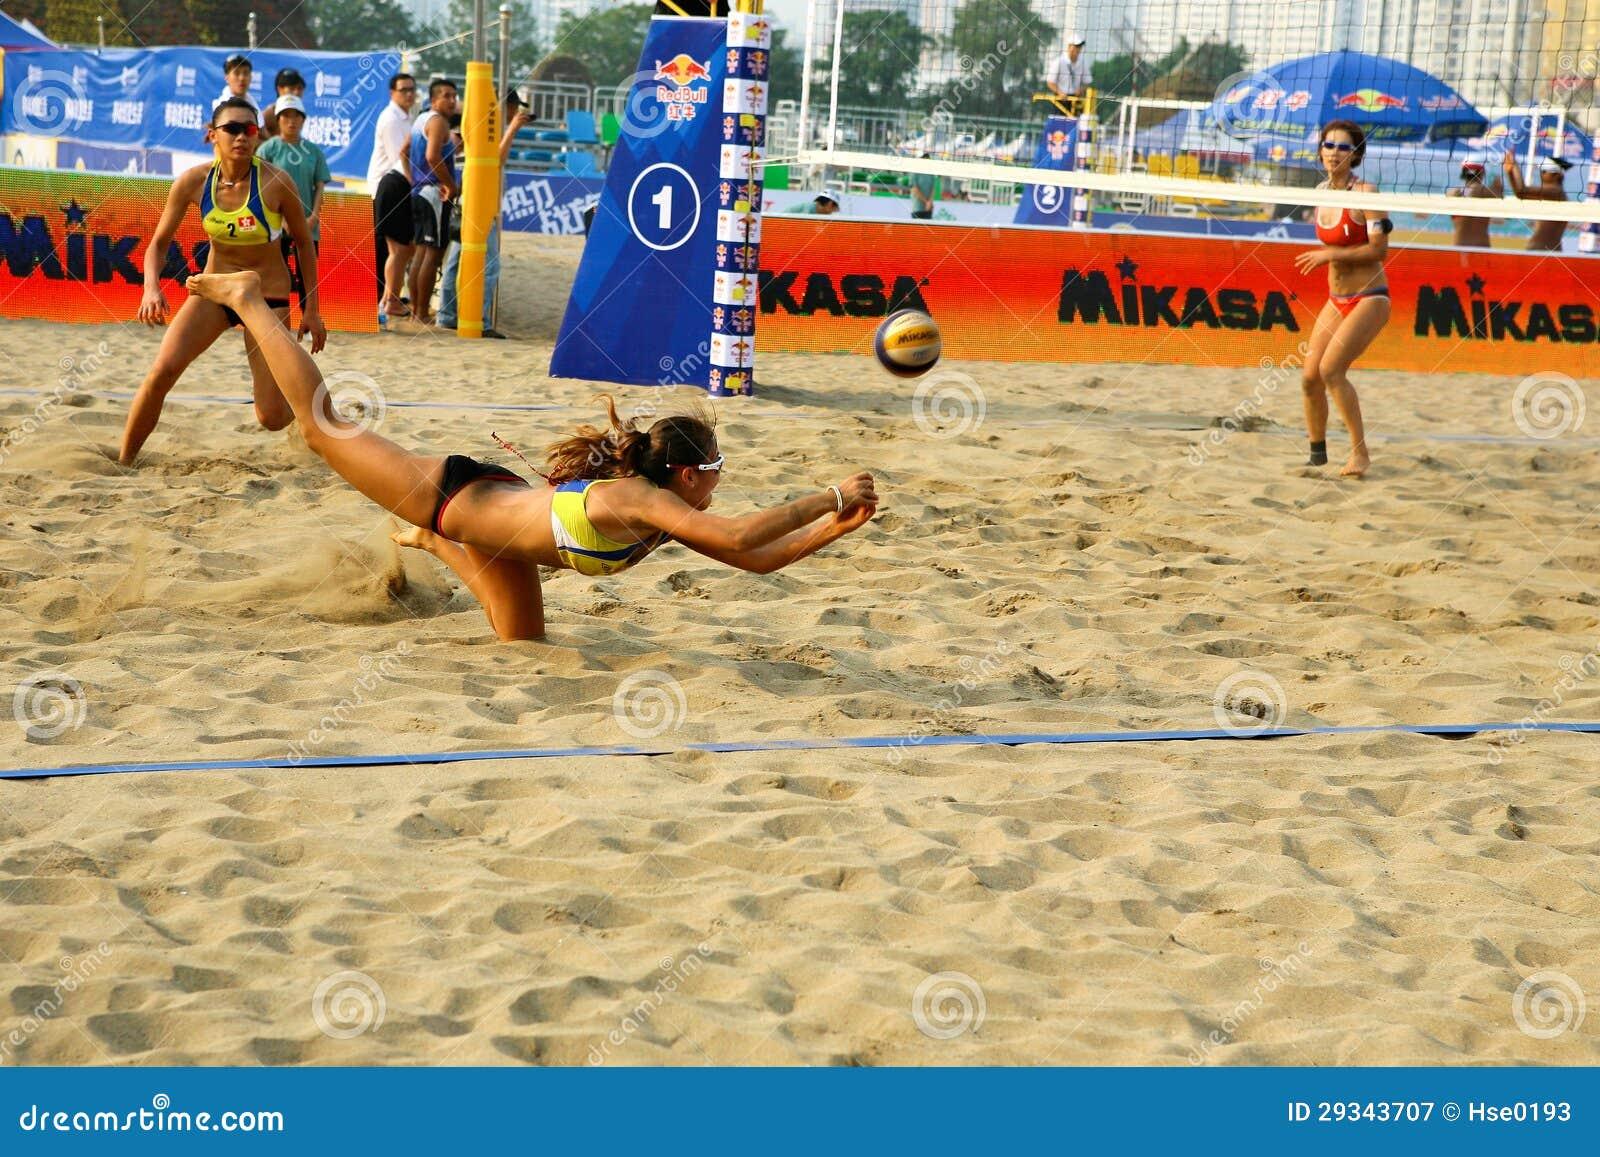 Salvaguardia del jugador de la mujer en partido de balonvolea de playa